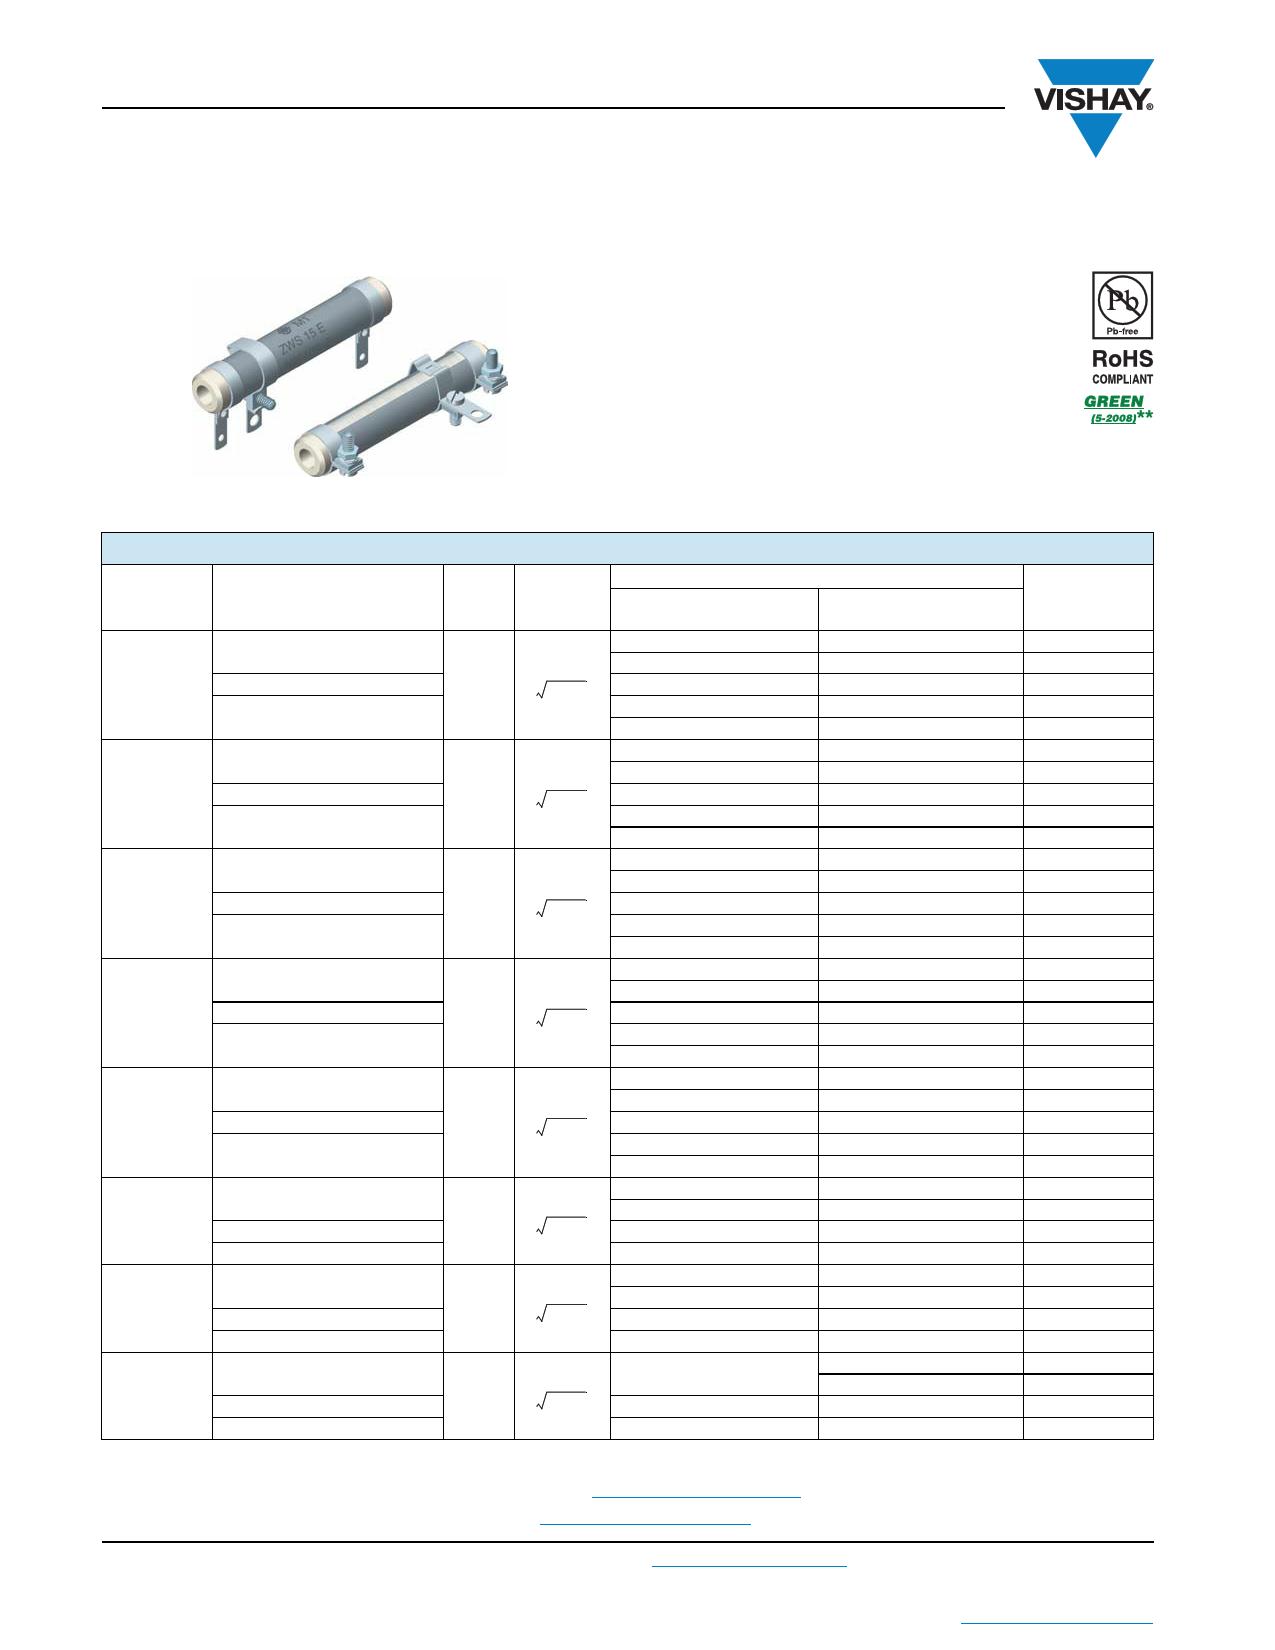 ZWS6 datasheet